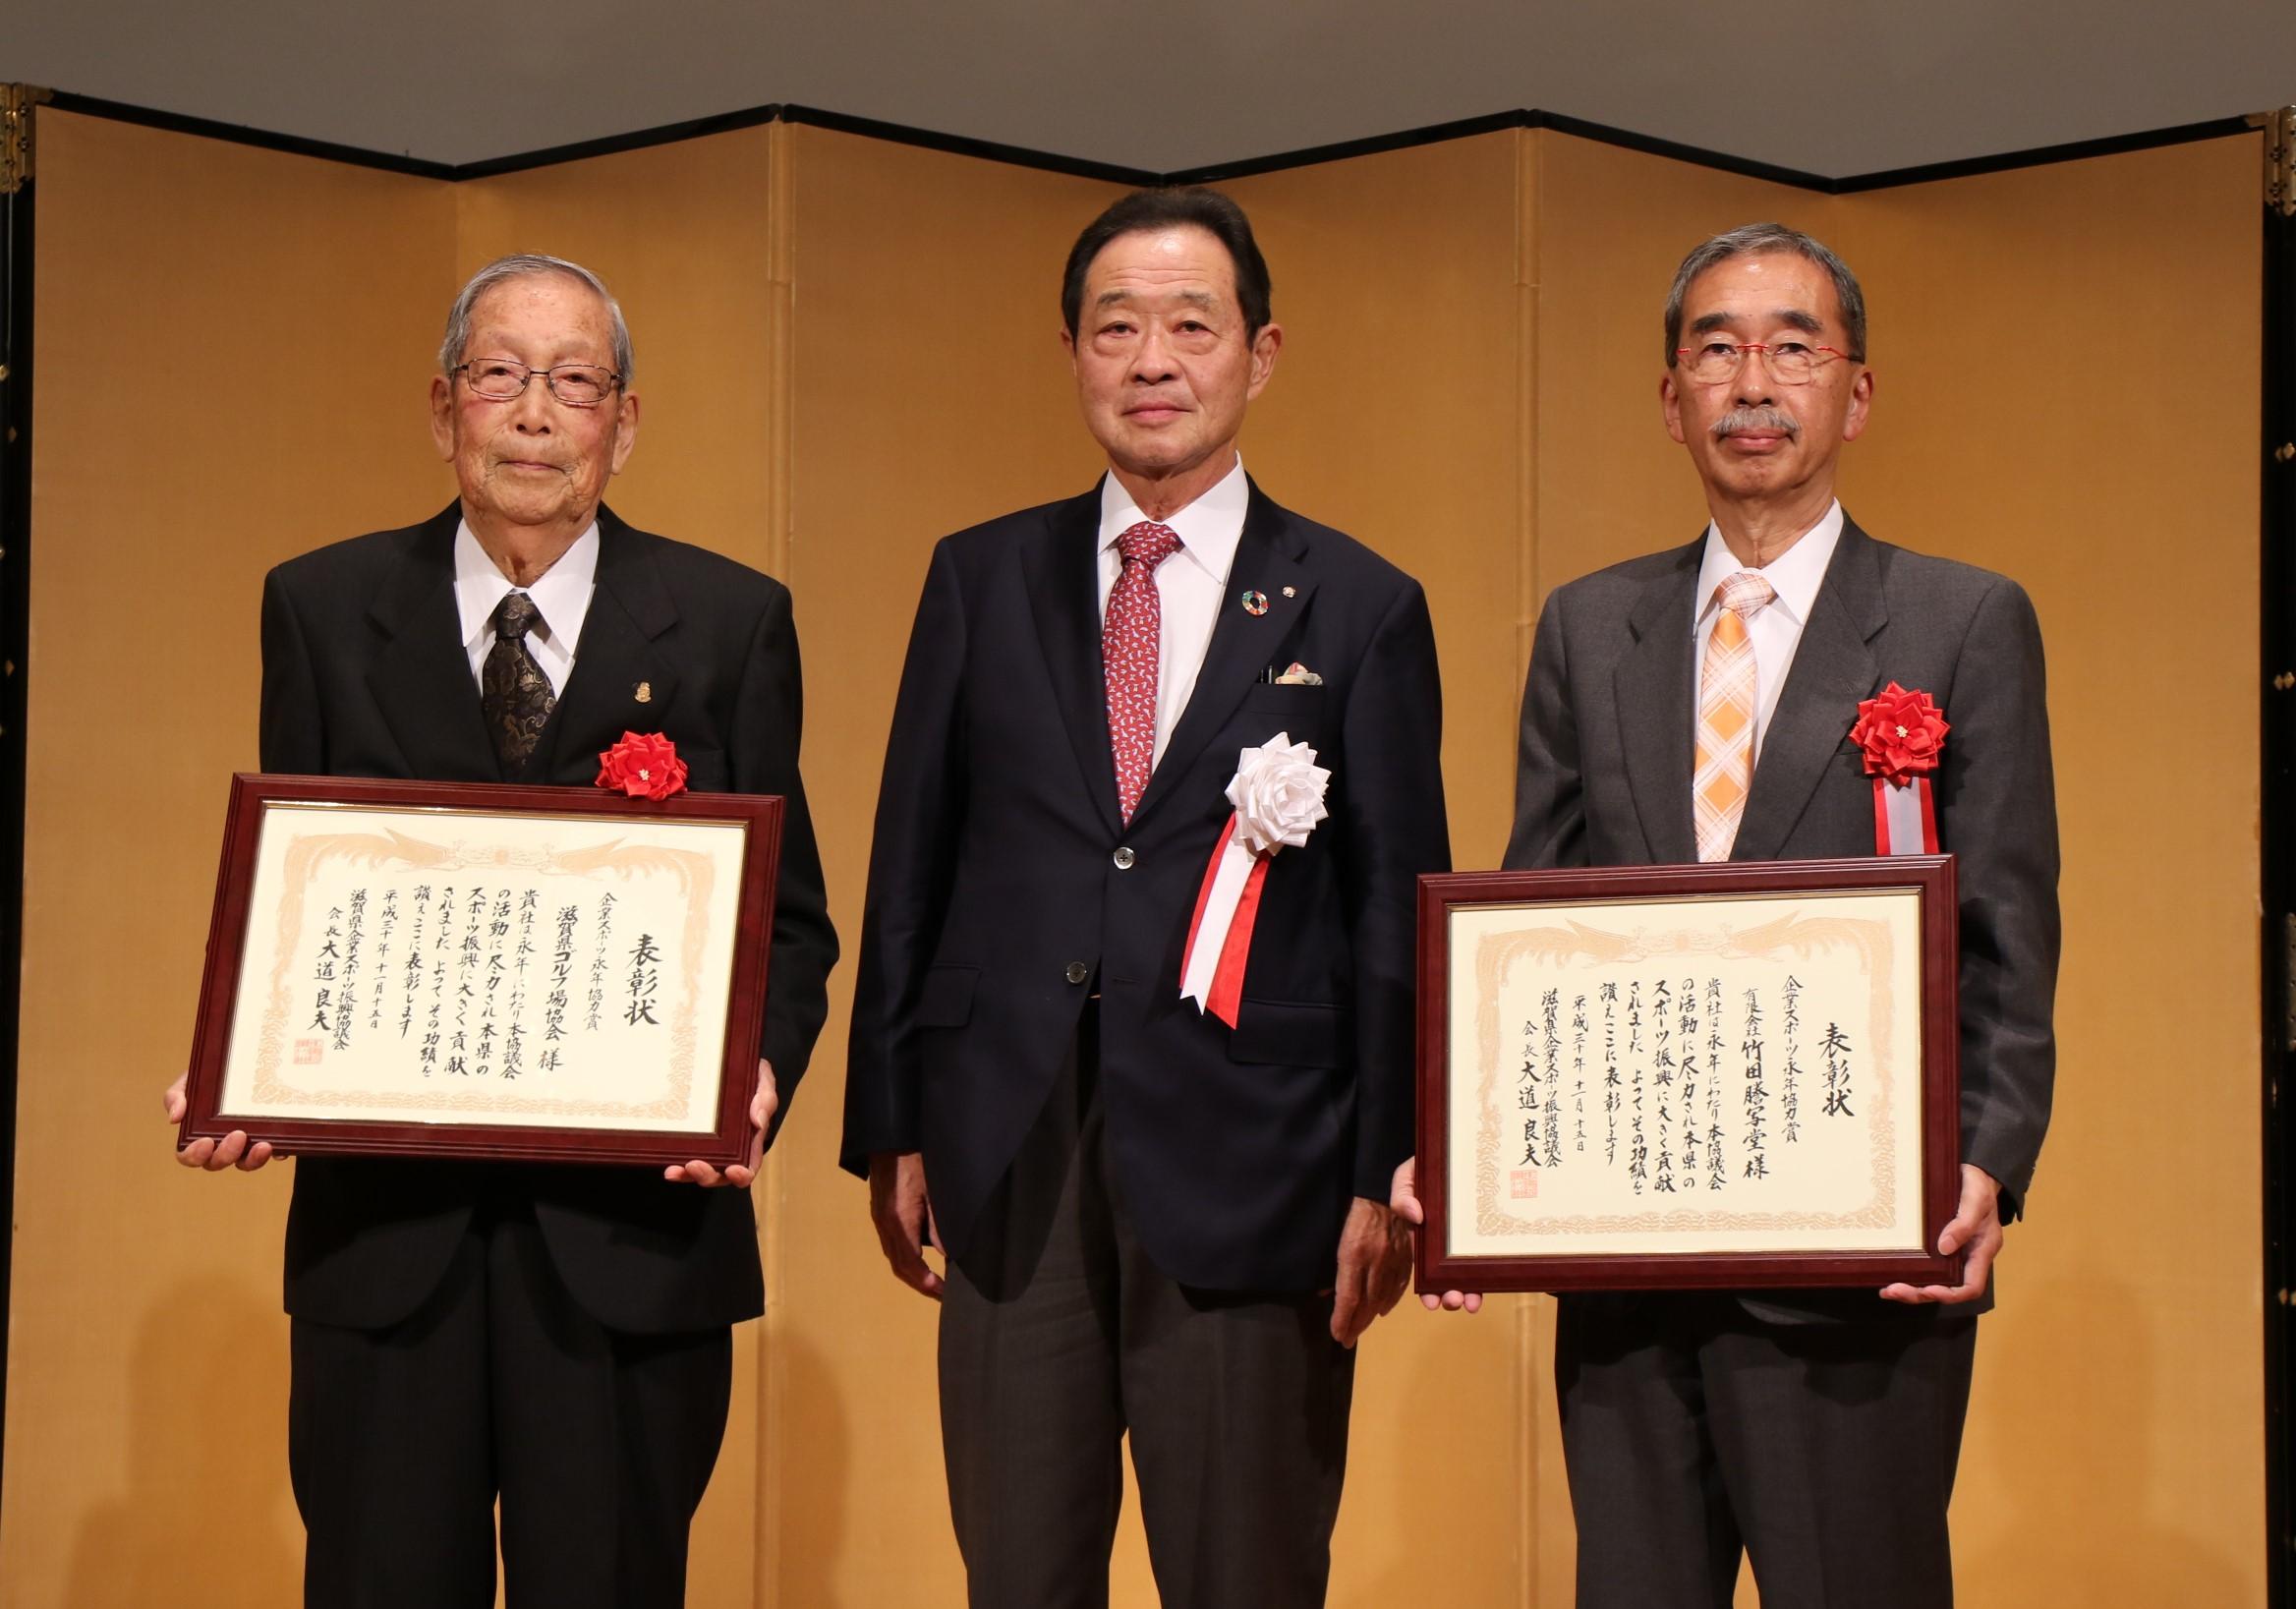 平成30年度滋賀県企業スポーツ振興協議会 表彰式